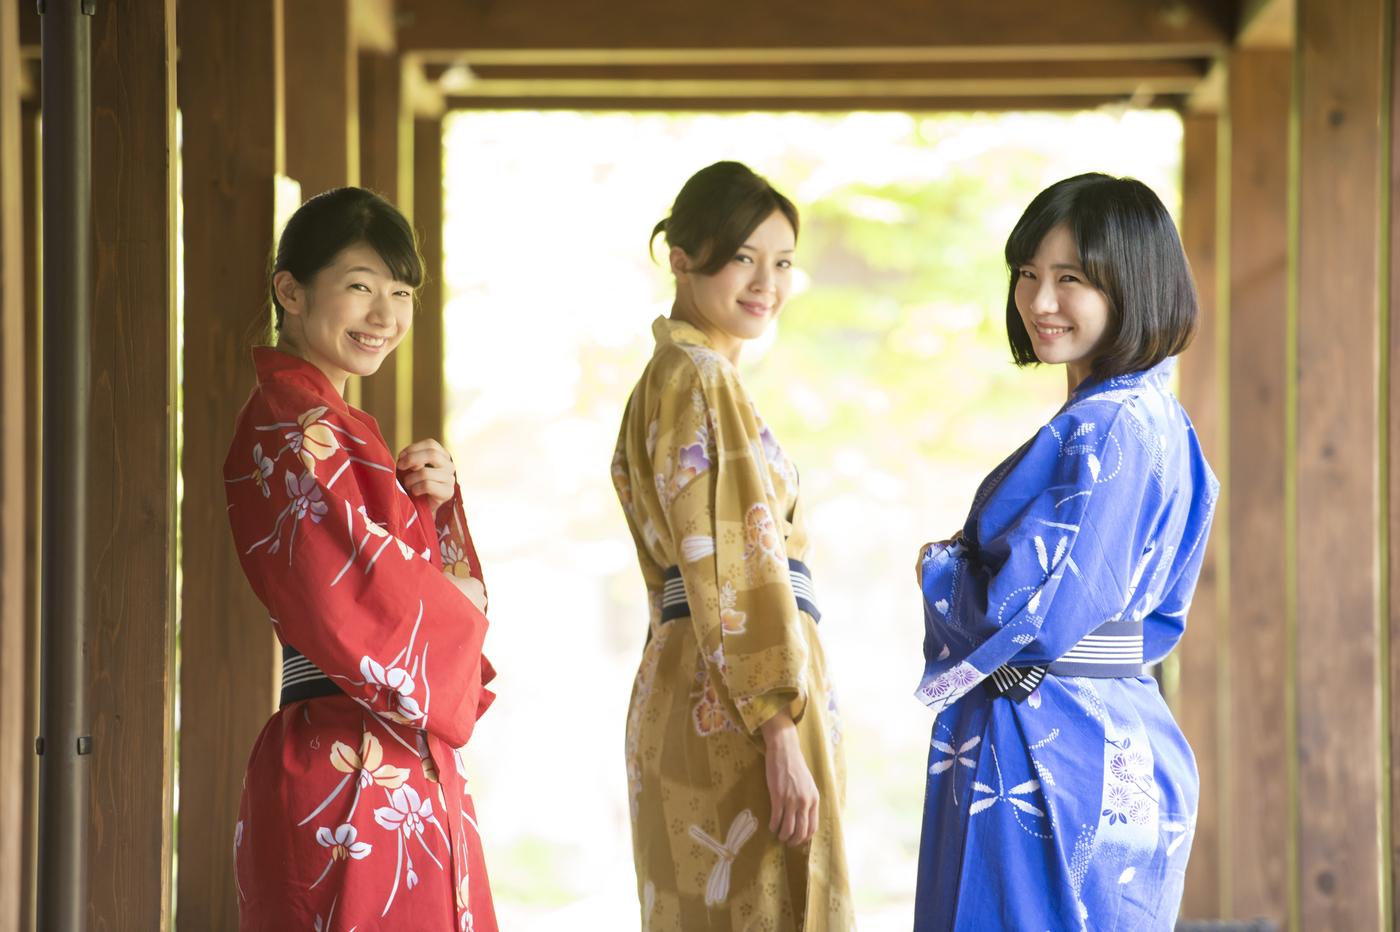 東京でも天然温泉に入れる!都内のおすすめ銭湯4選の画像